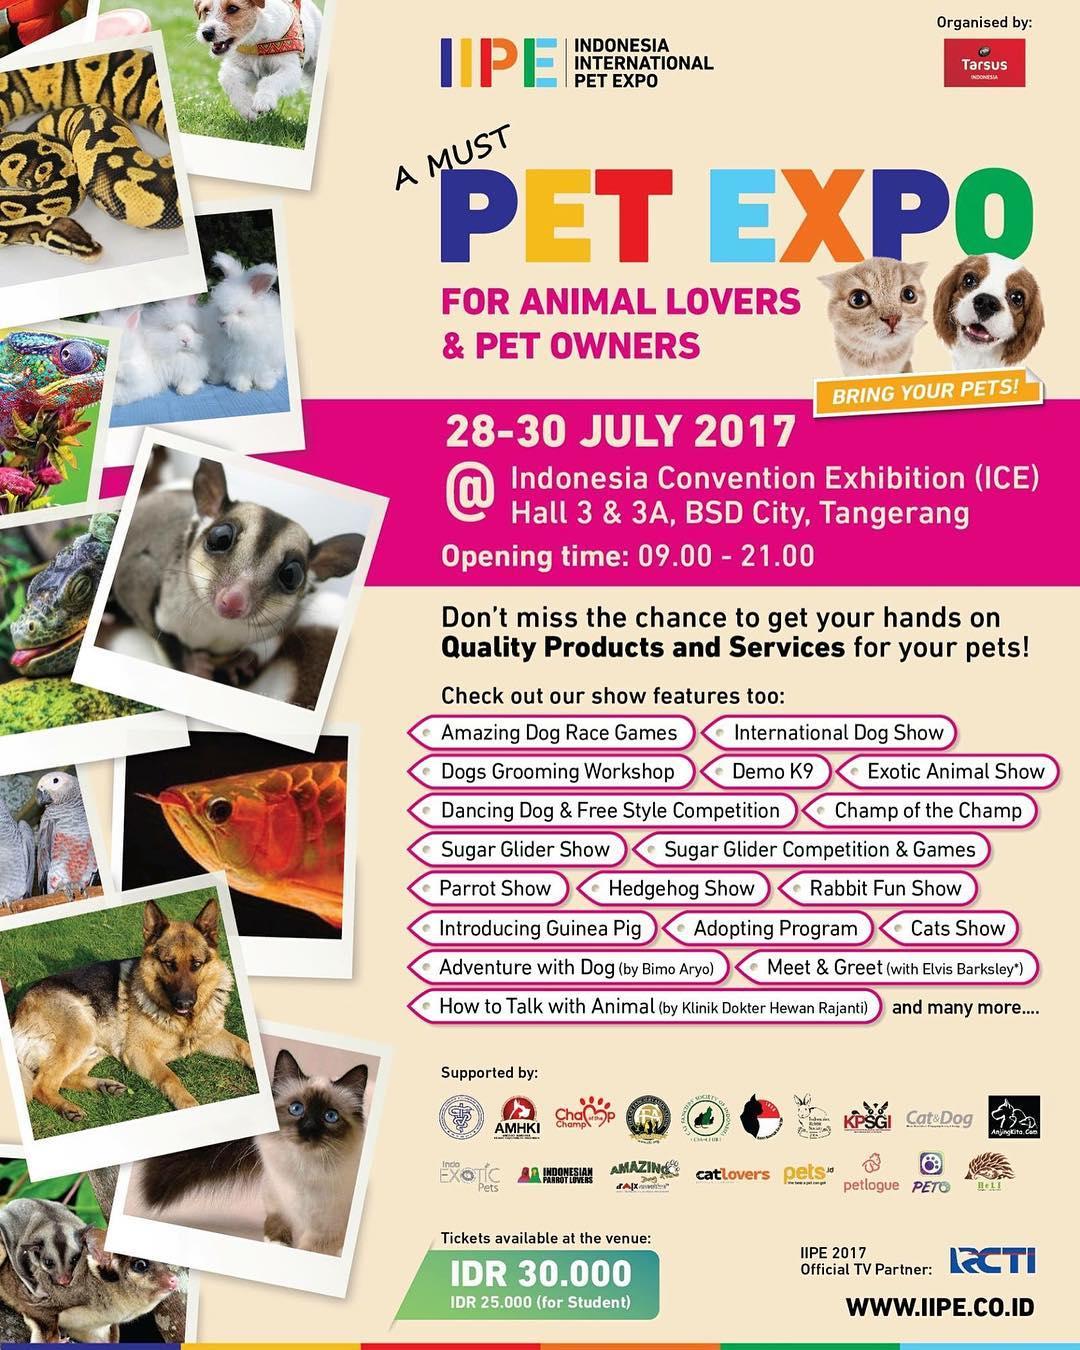 Indonesia International Pet Expo Iipe 2017 Informasi Pameran Event Dan Bazaar Indonesia